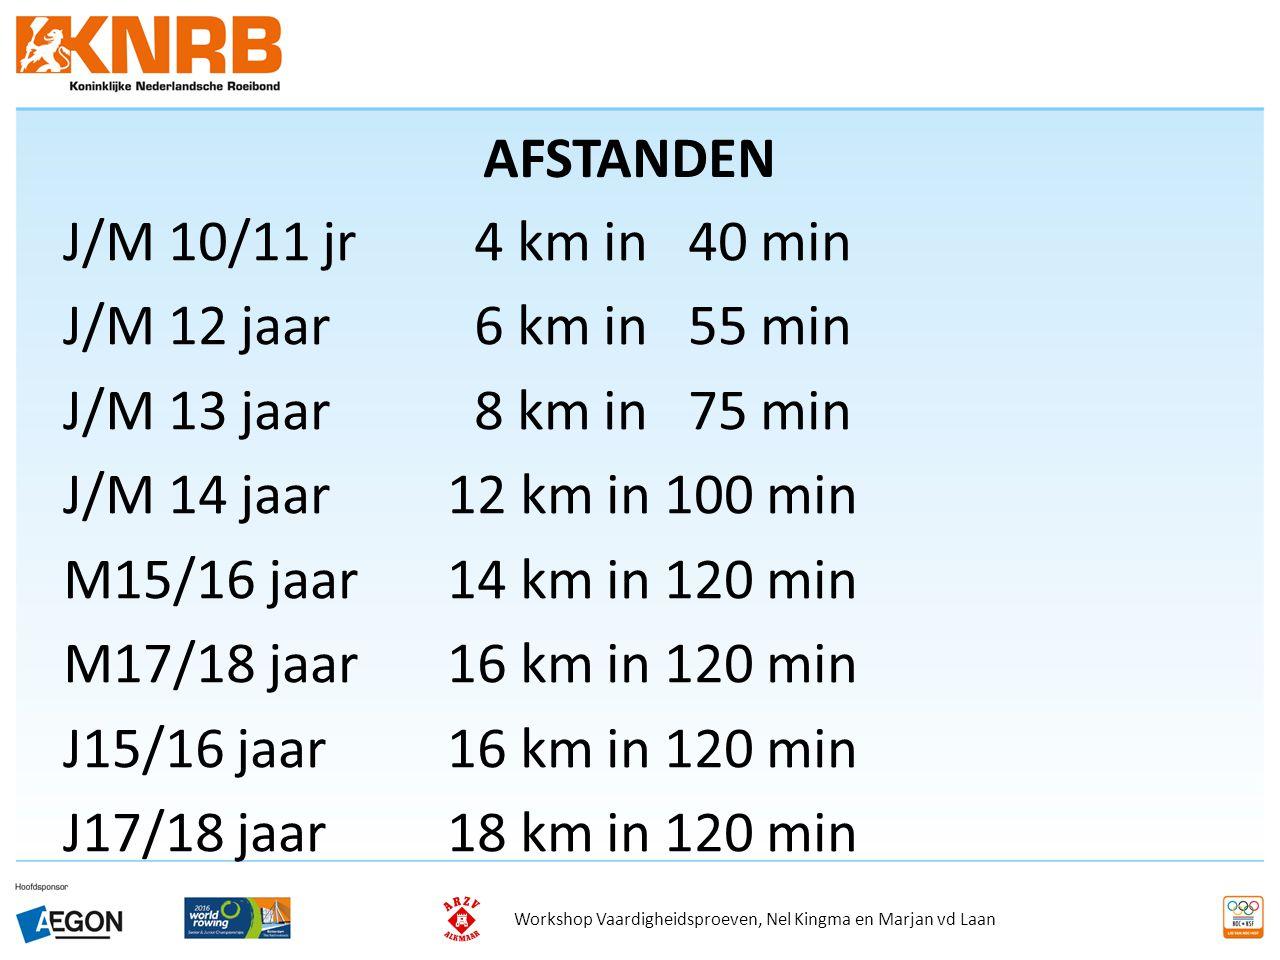 AFSTANDEN J/M 10/11 jr 4 km in 40 min J/M 12 jaar 6 km in 55 min J/M 13 jaar 8 km in 75 min J/M 14 jaar12 km in 100 min M15/16 jaar14 km in 120 min M1